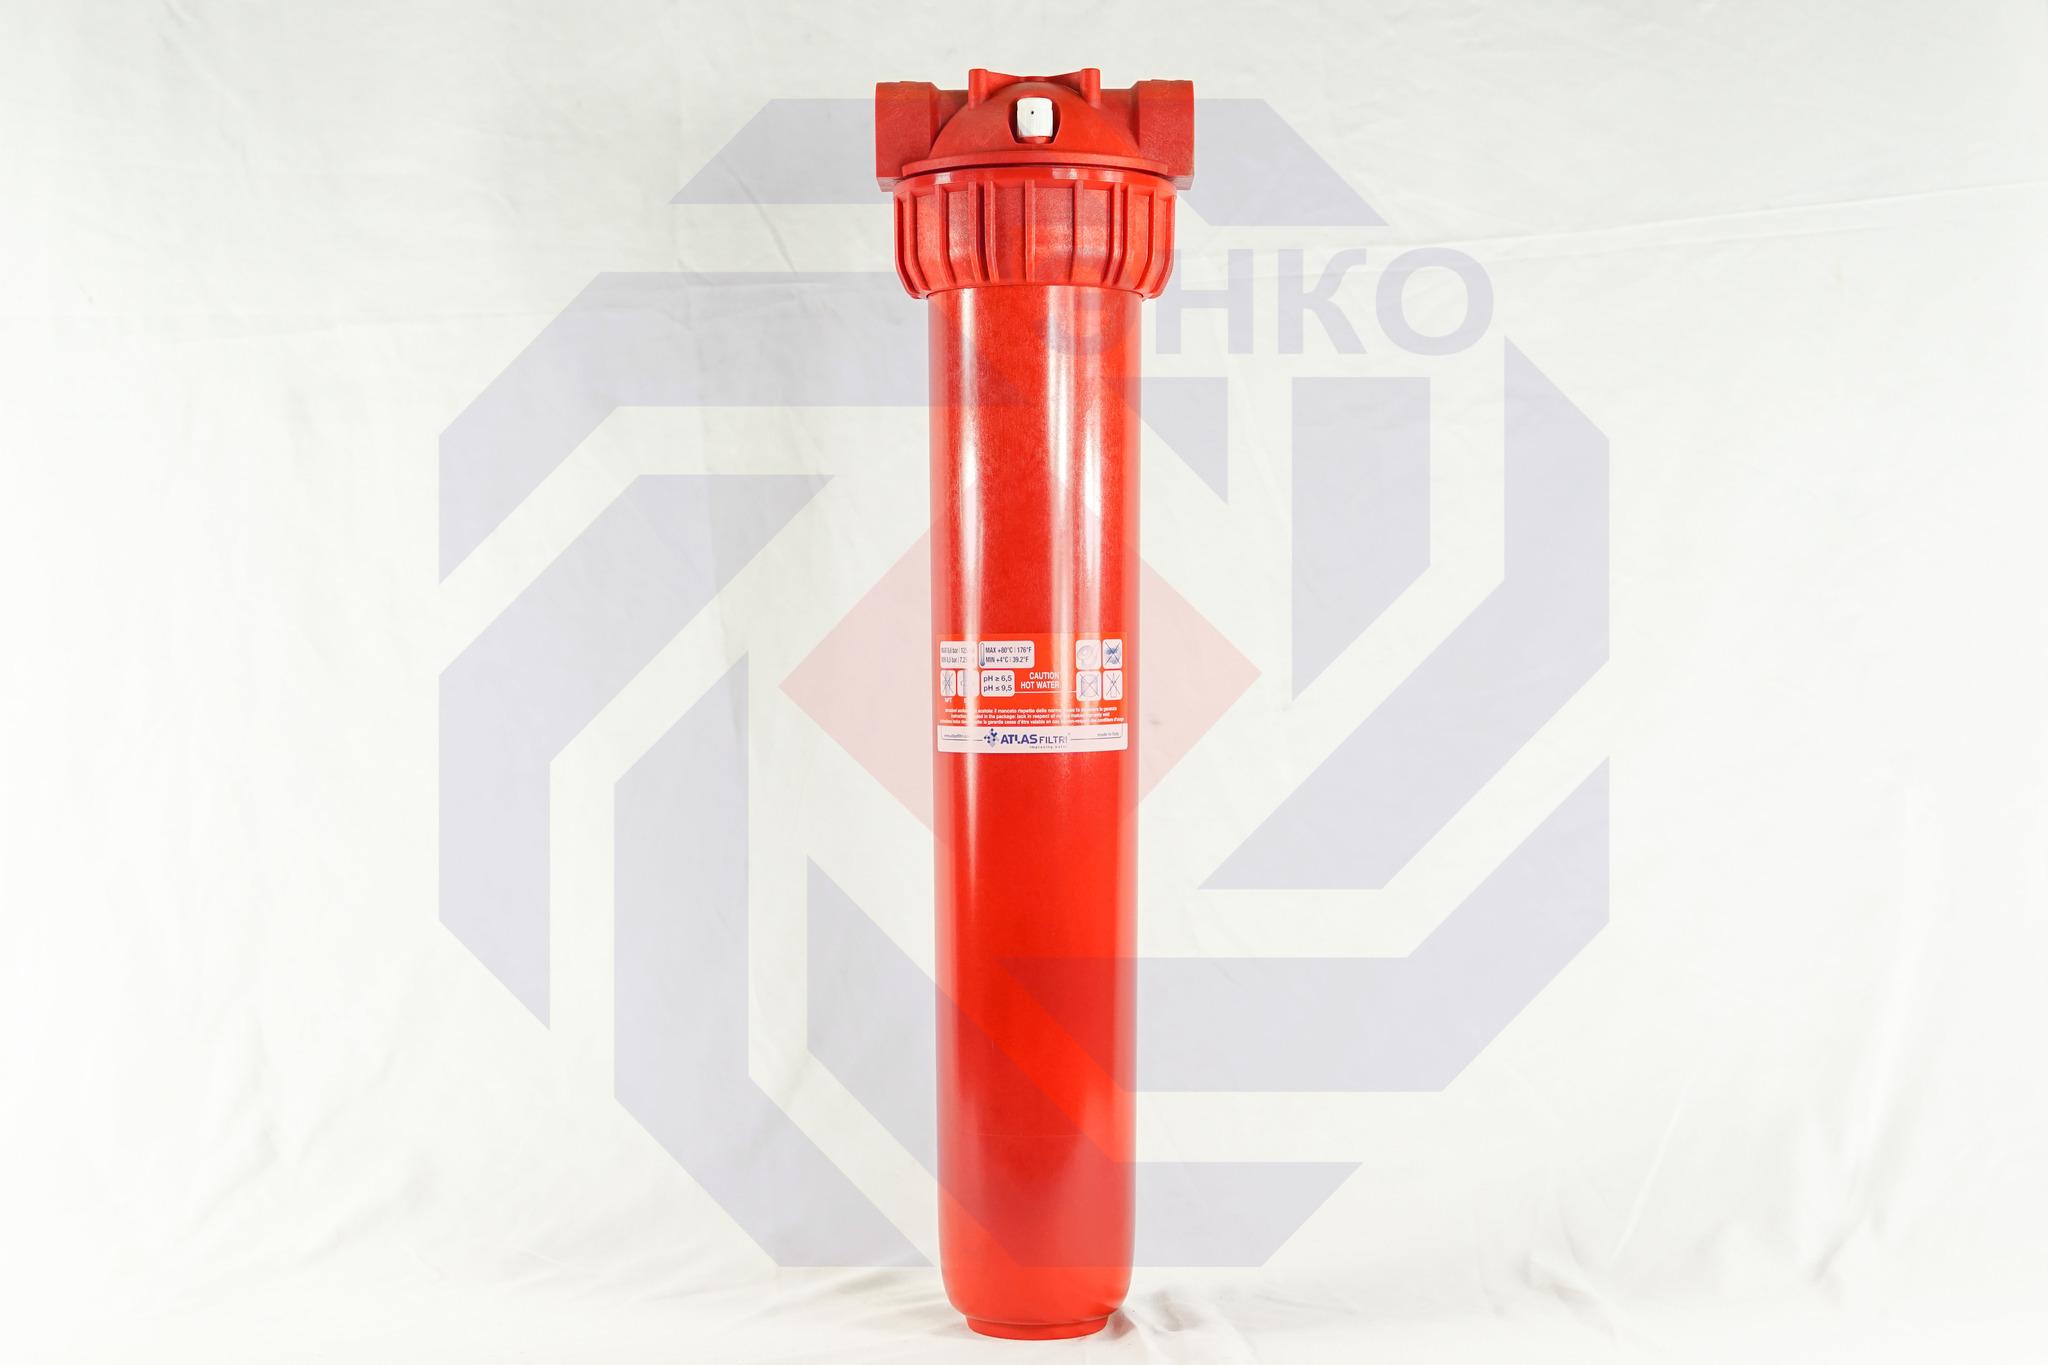 Корпус фильтра для горячей воды одинарный ATLAS MASTER PLUS HOT 3P BFP SX AB 1